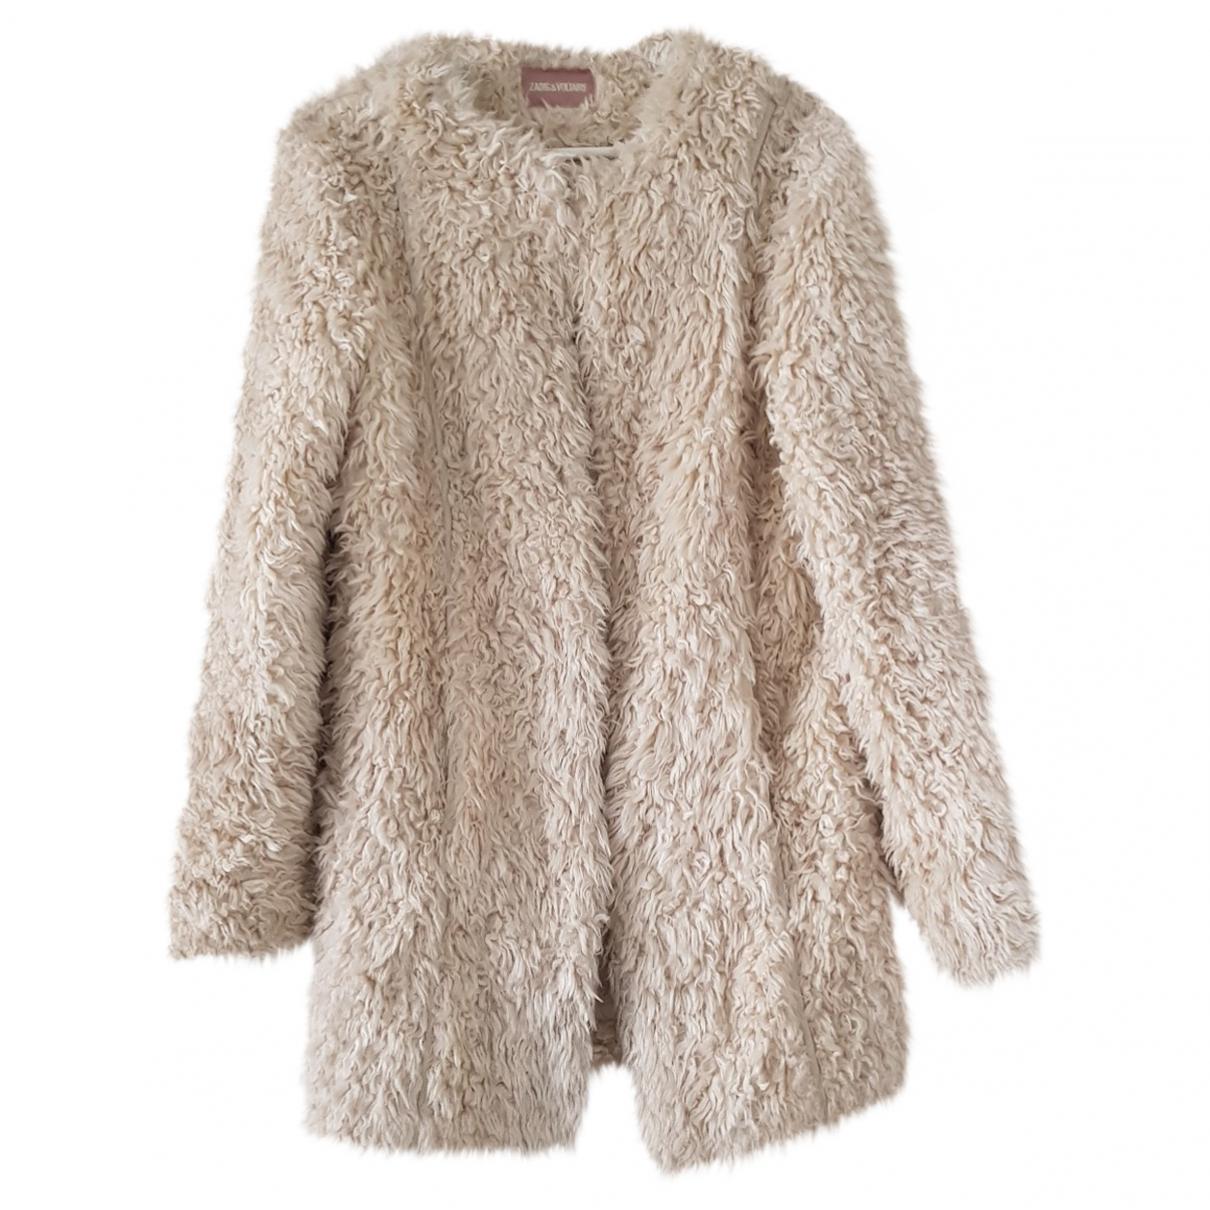 Zadig & Voltaire \N Beige coat for Women M International